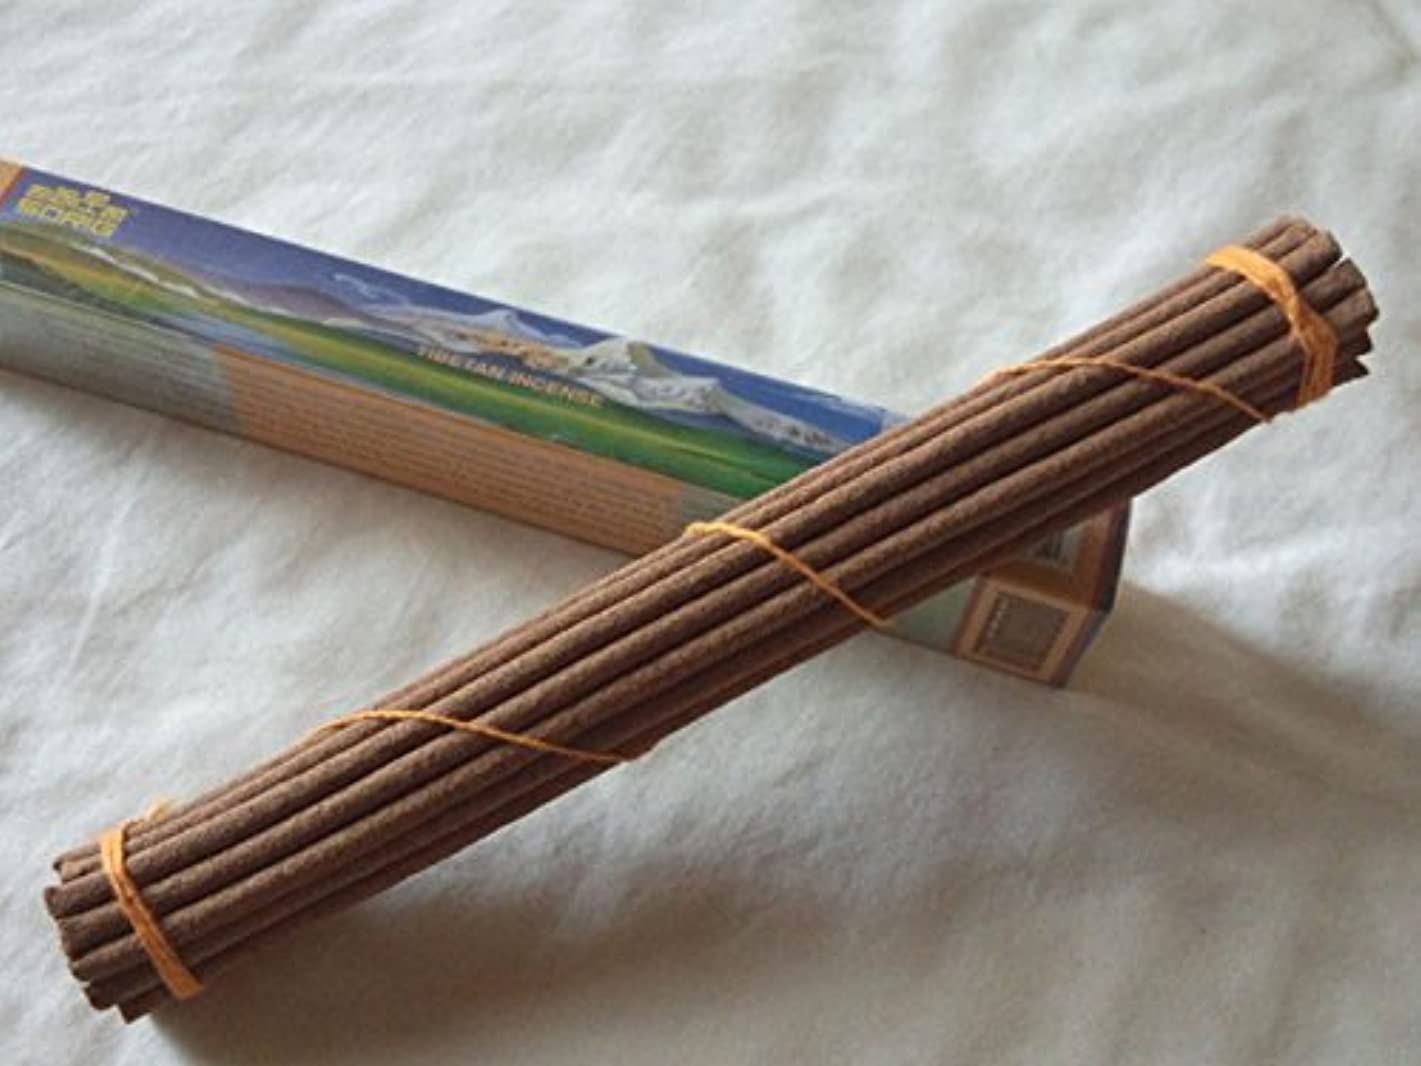 判決従者ネイティブMen-Tsee-Khang/メンツィカンのお香-シングル SORIG Tibetan Incense small 約20本入